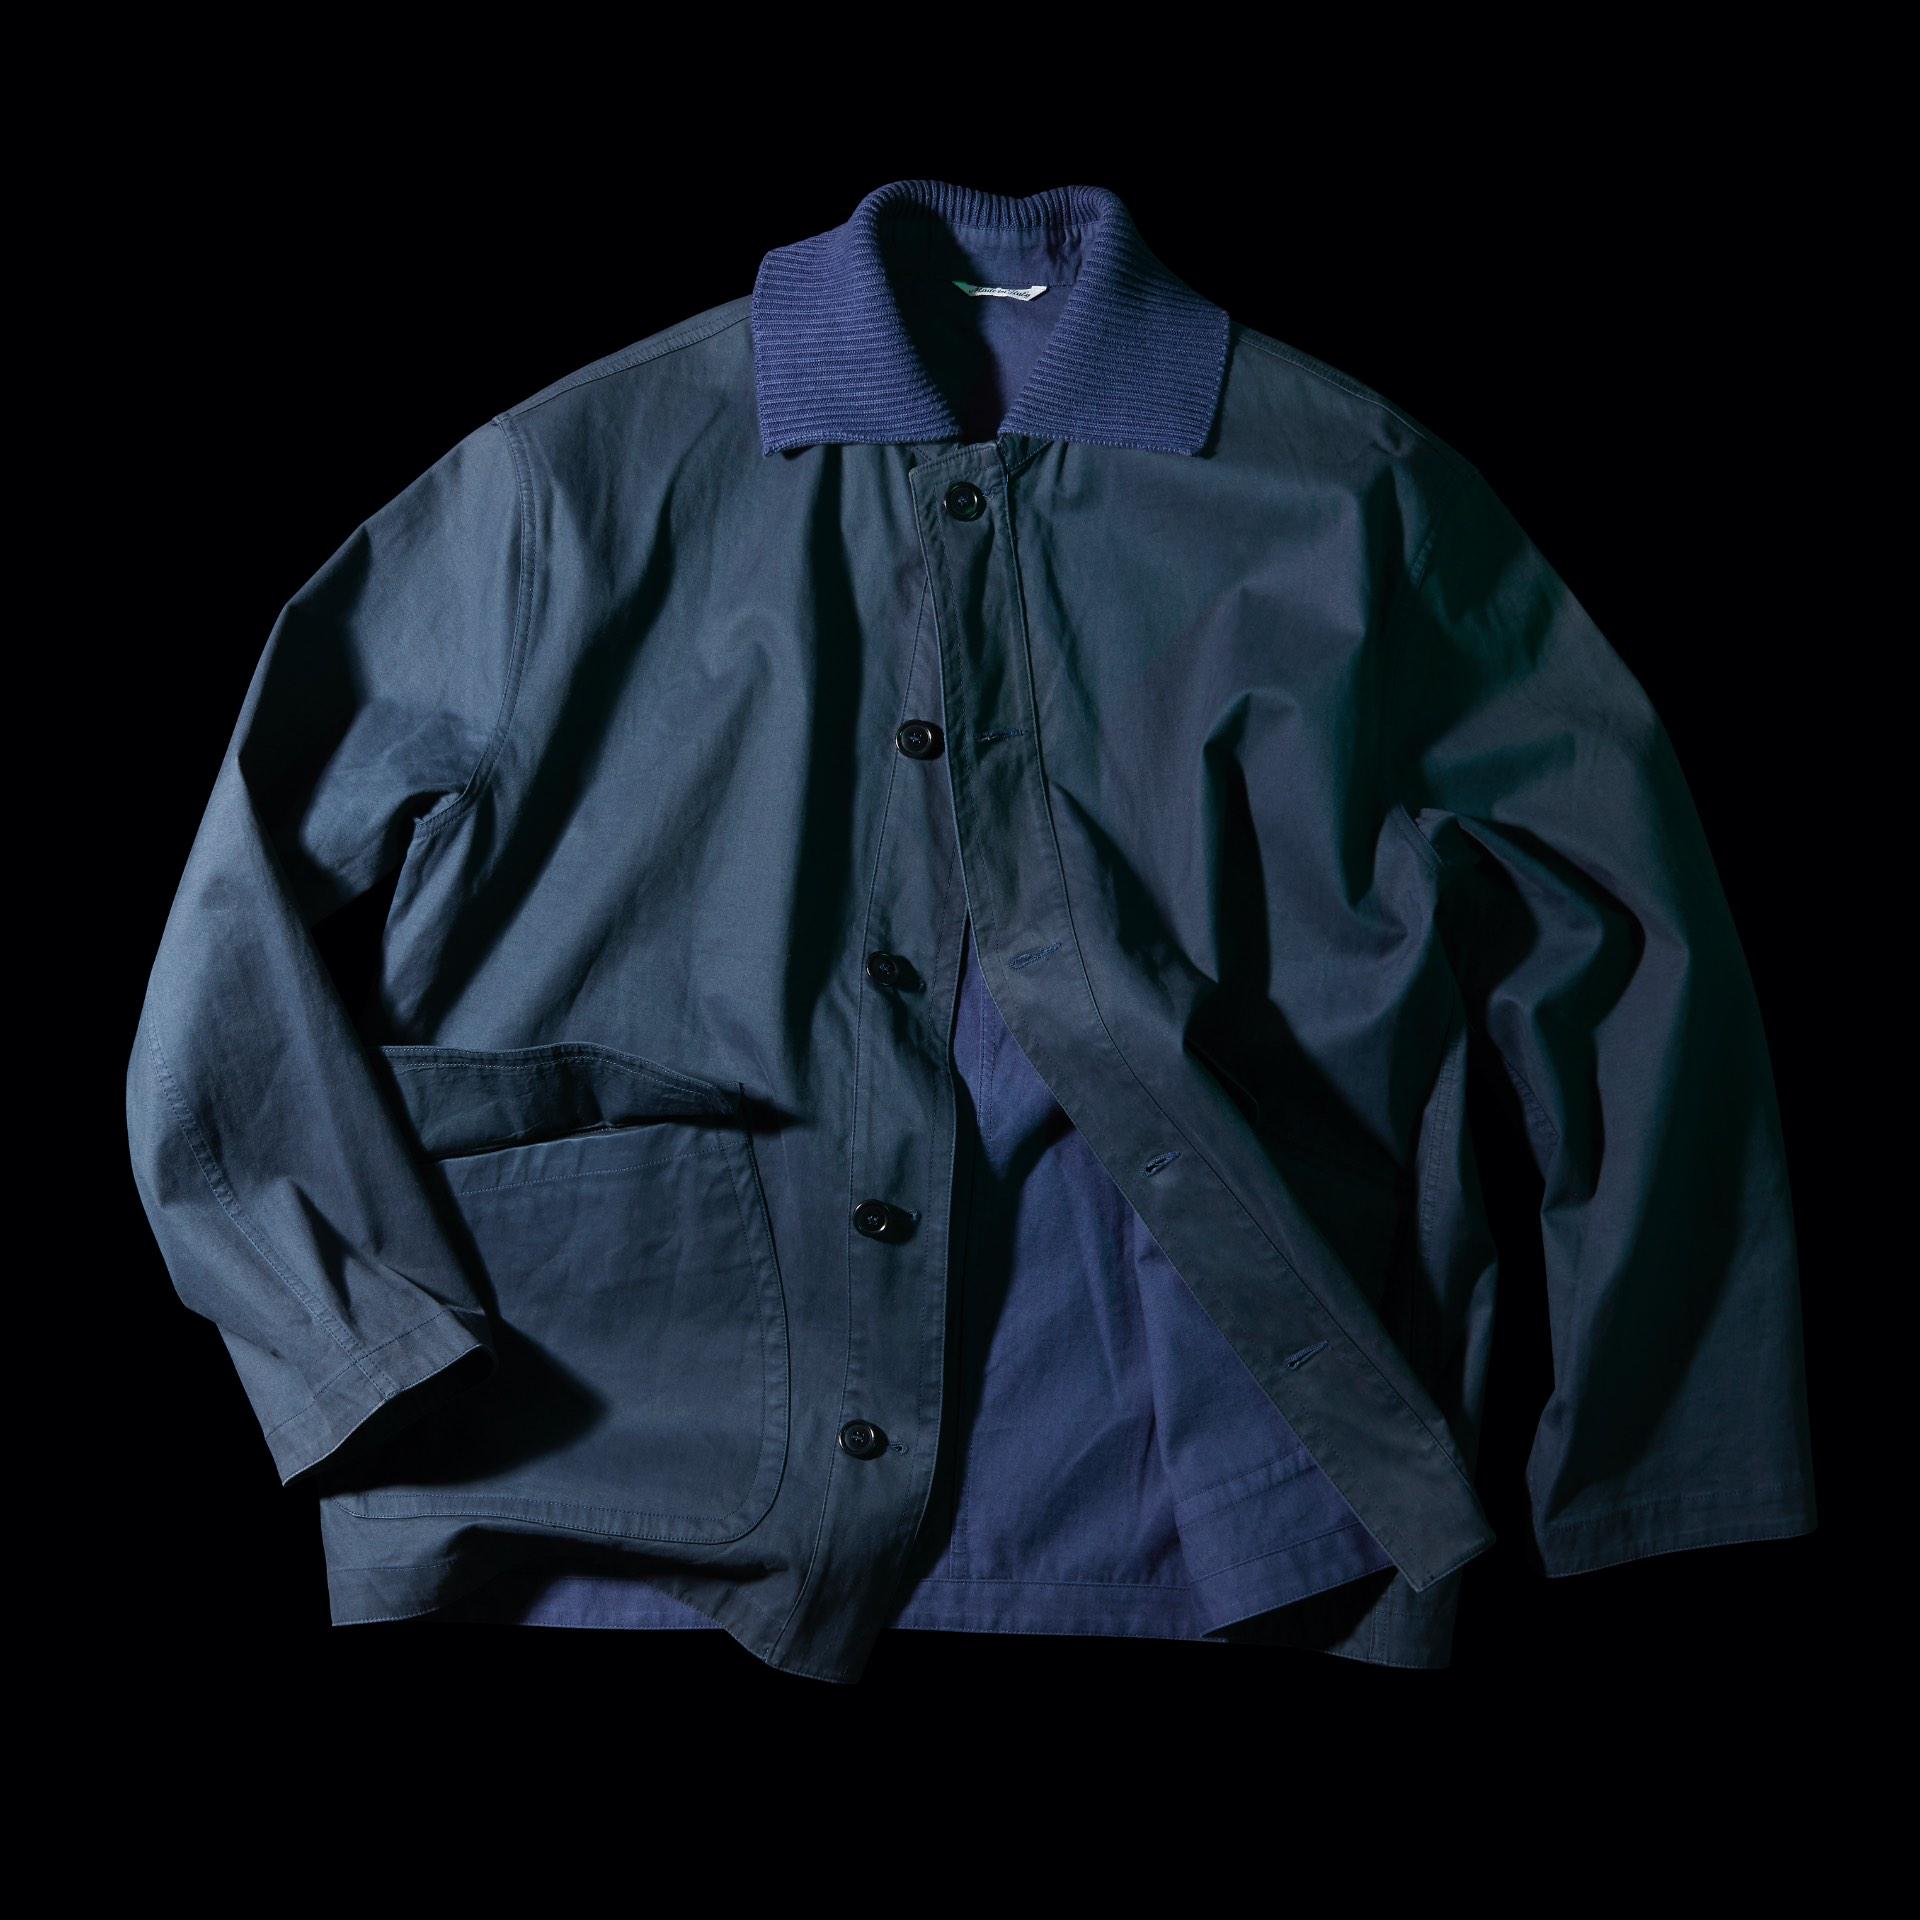 Blue C.P. Company jacket black background